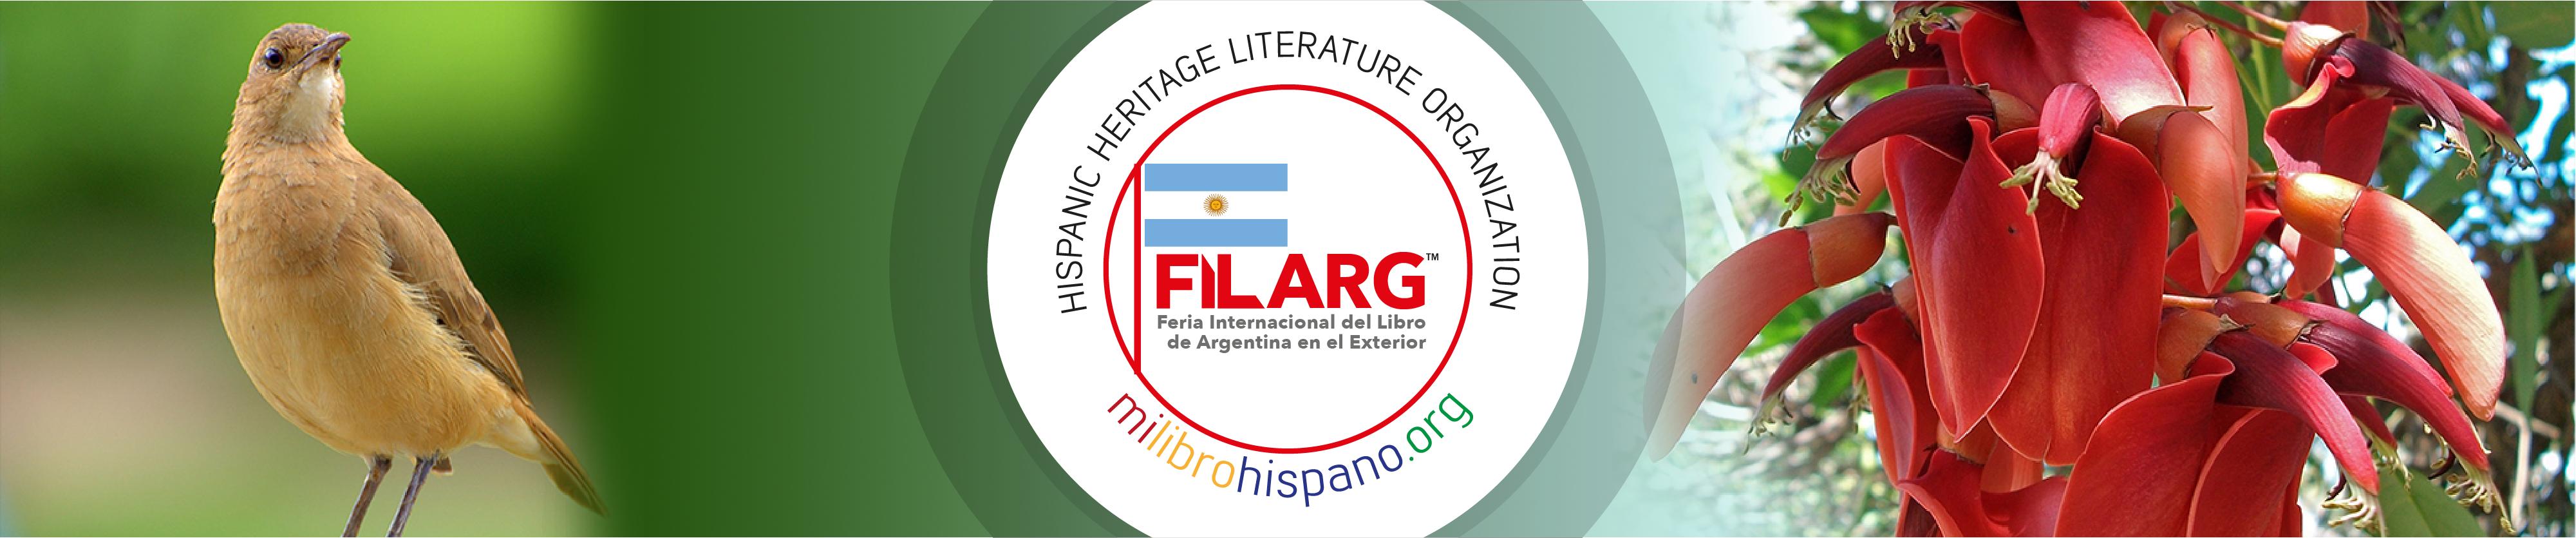 FIL Banner - Argentina